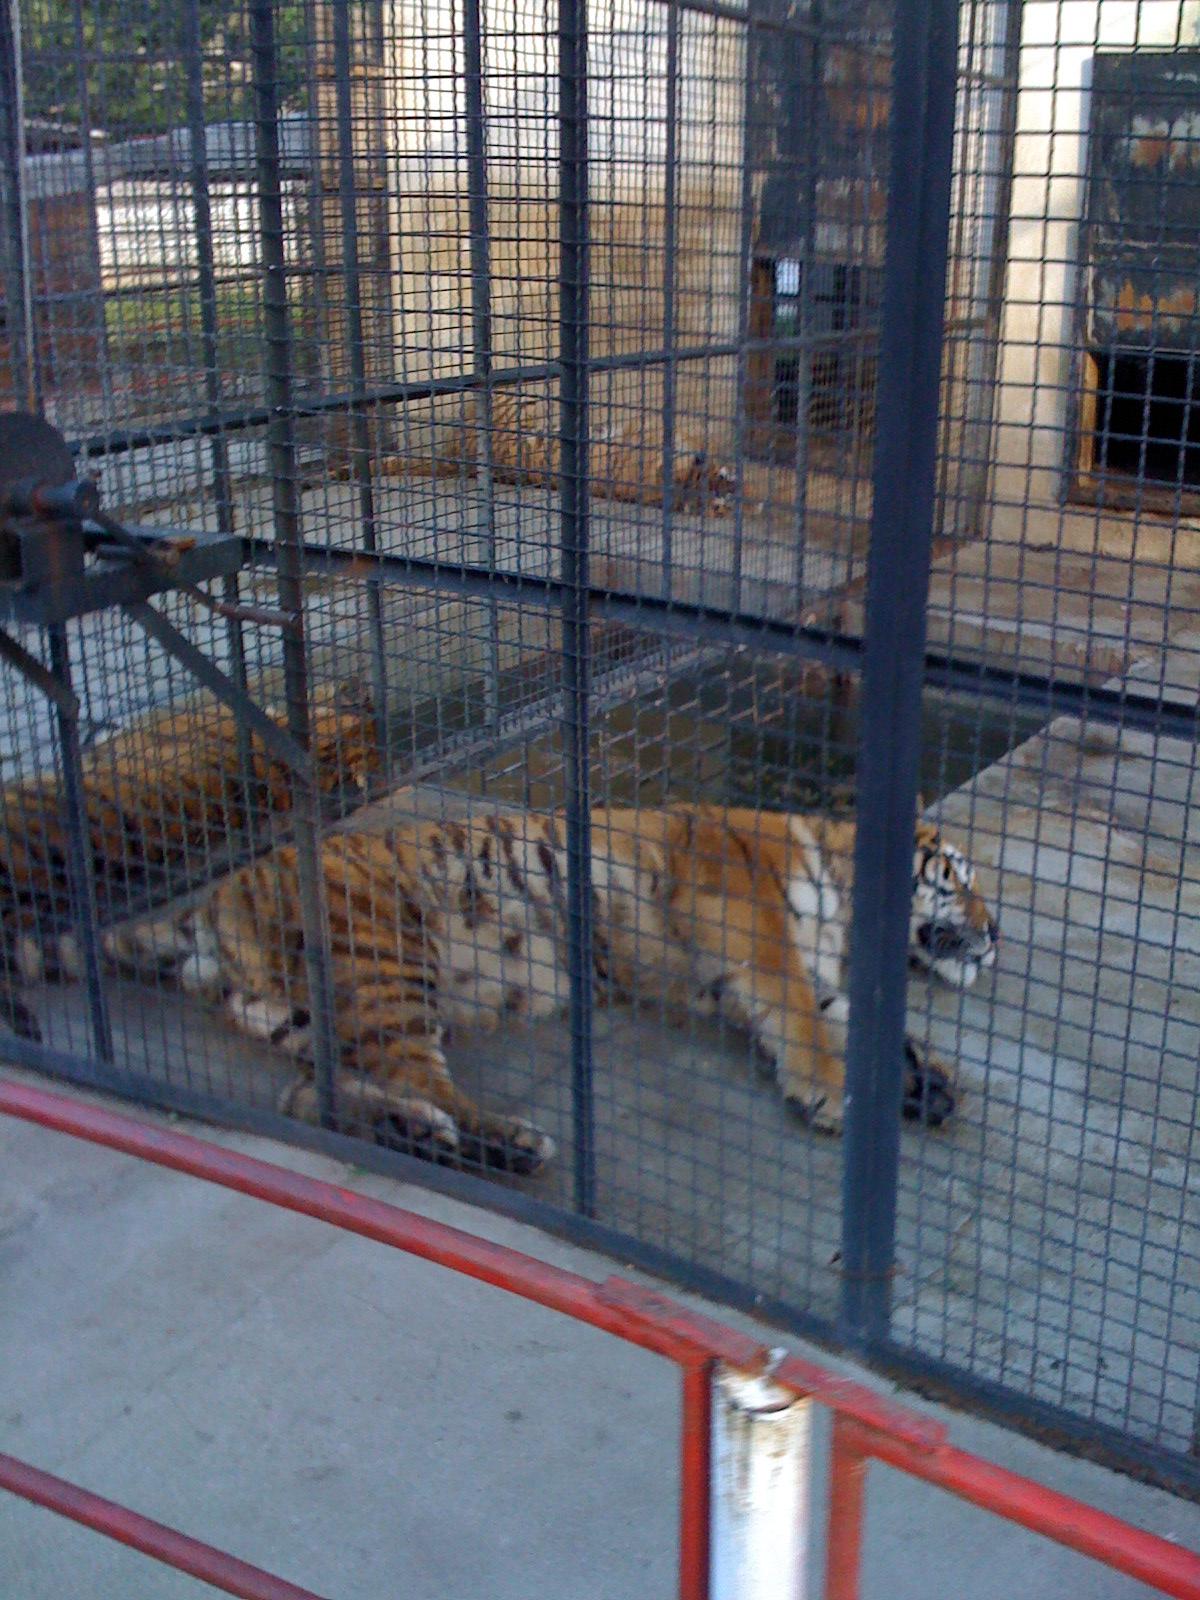 Animale de vanzare. Se desfiinteaza gradina zoo din Baia Mare